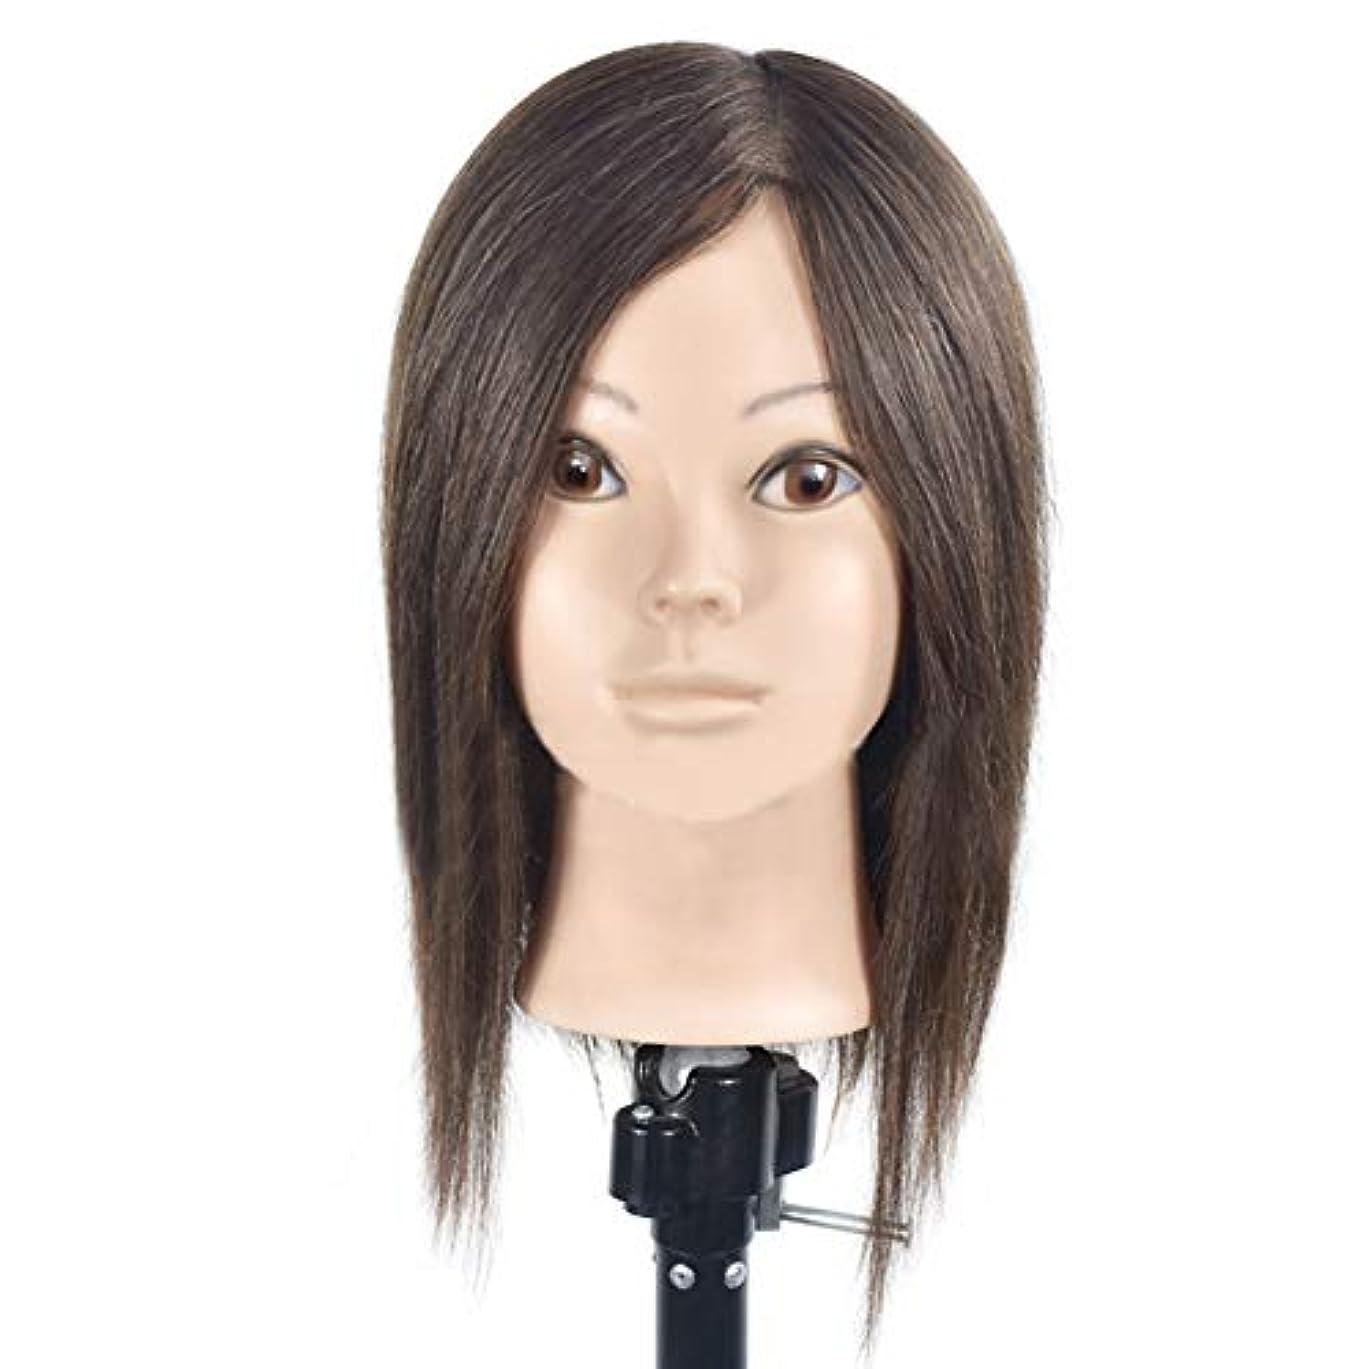 者許す断線本物の人間の髪のかつらの頭の金型の理髪の髪型のスタイリングマネキンの頭の理髪店の練習の練習ダミーヘッド